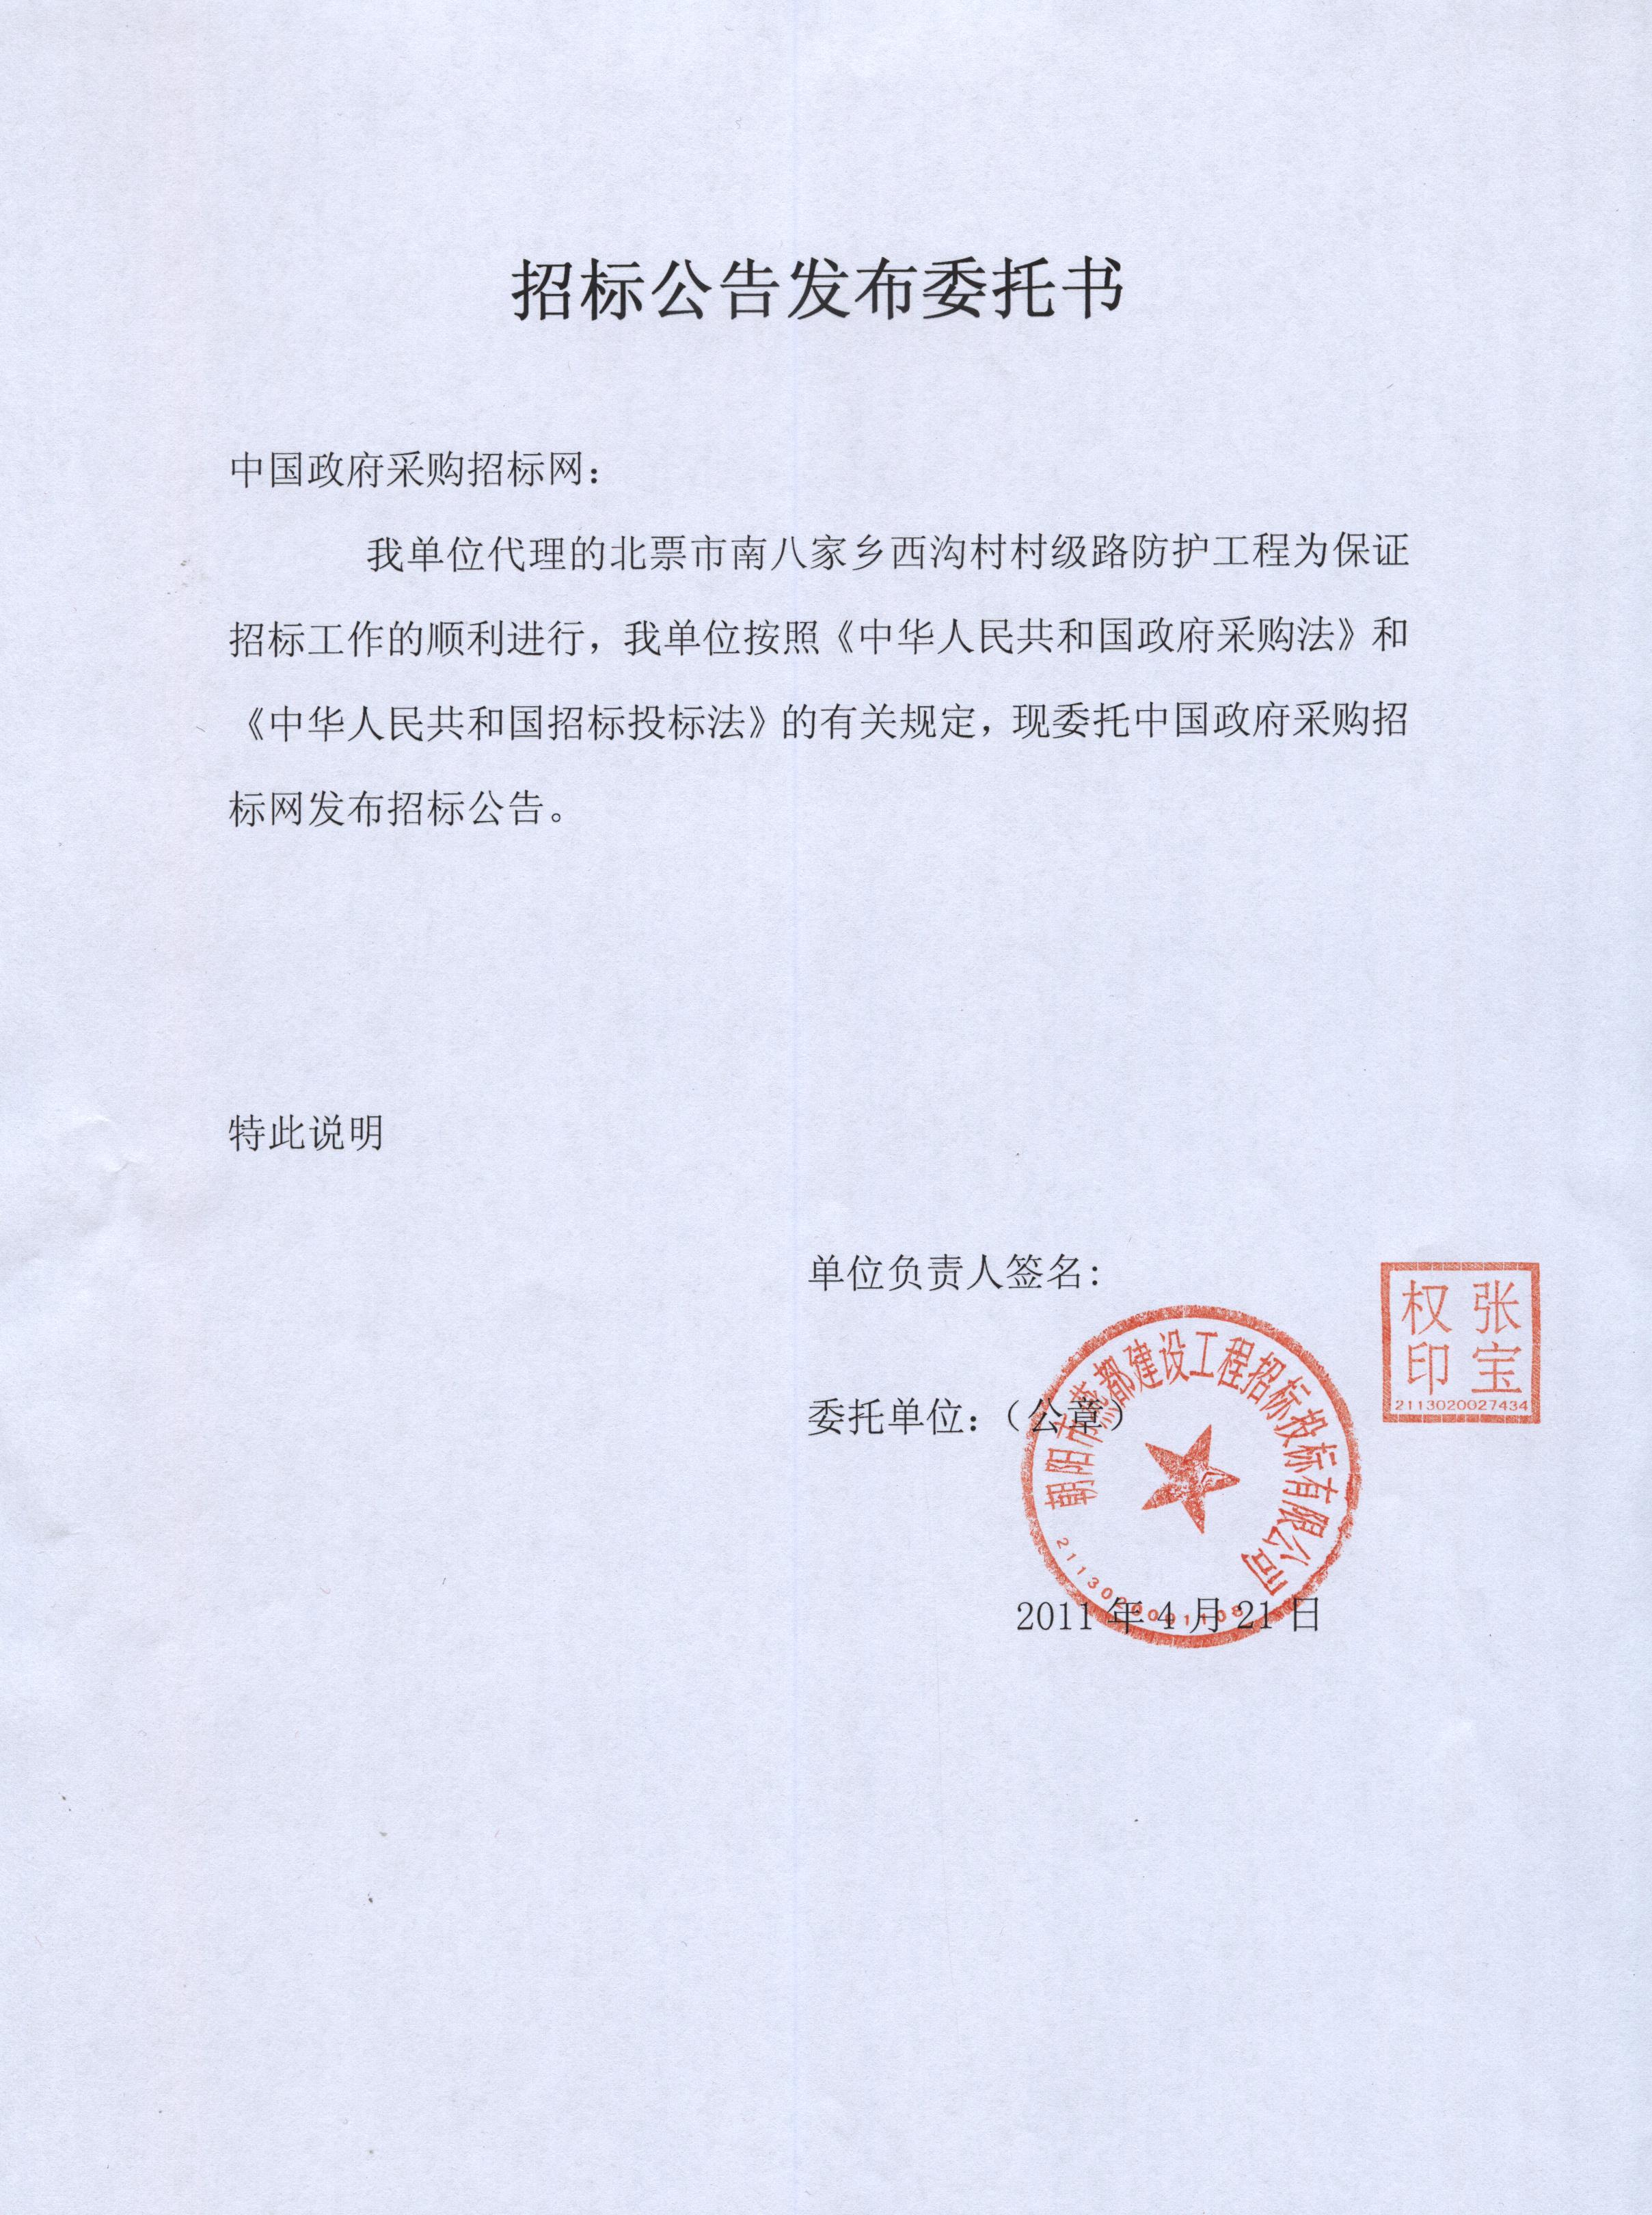 中国神华国际招标网,神华集团招标网,神华招标网 ...